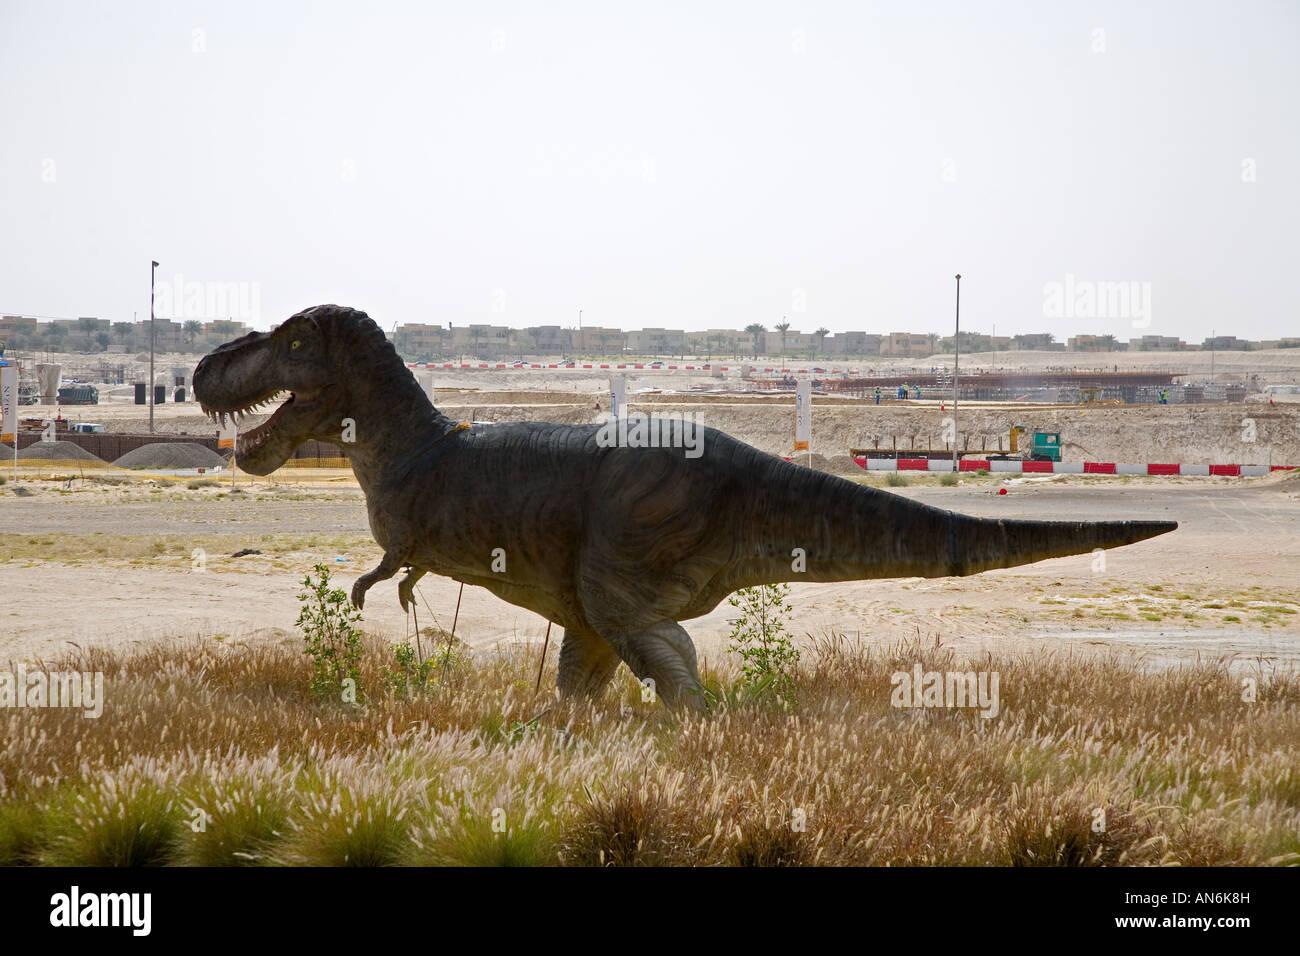 construction site with dinosaur for Dubailand amusement park Dinosaurier mitten in der Baustelle des Vergnuegungsparks - Stock Image